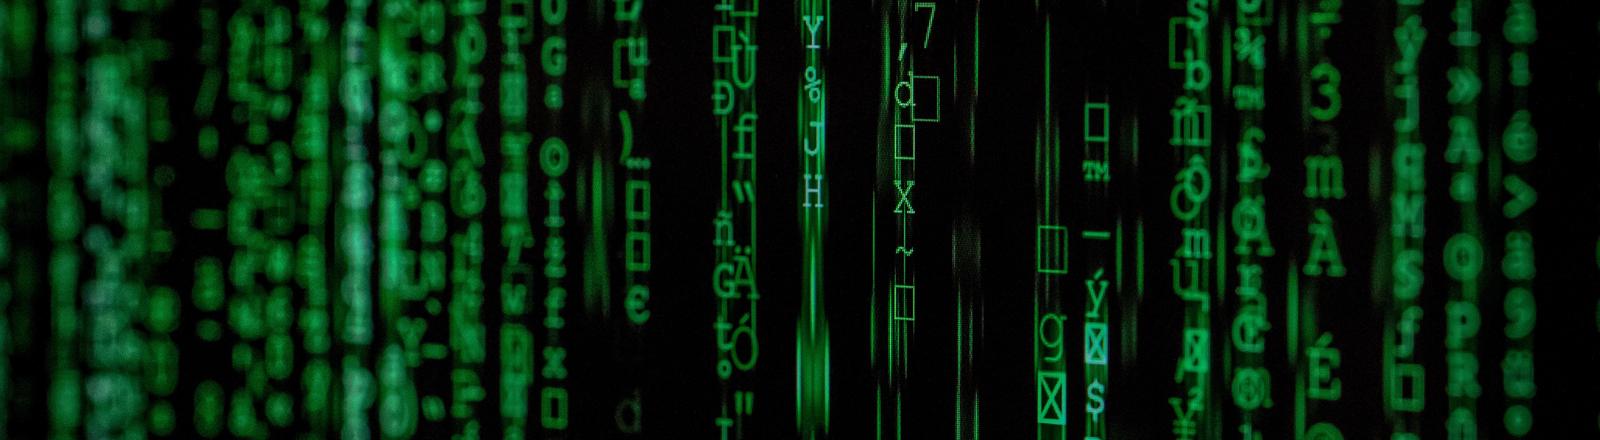 Grüne Zahlen laufen über einen schwarzen Bildschirm